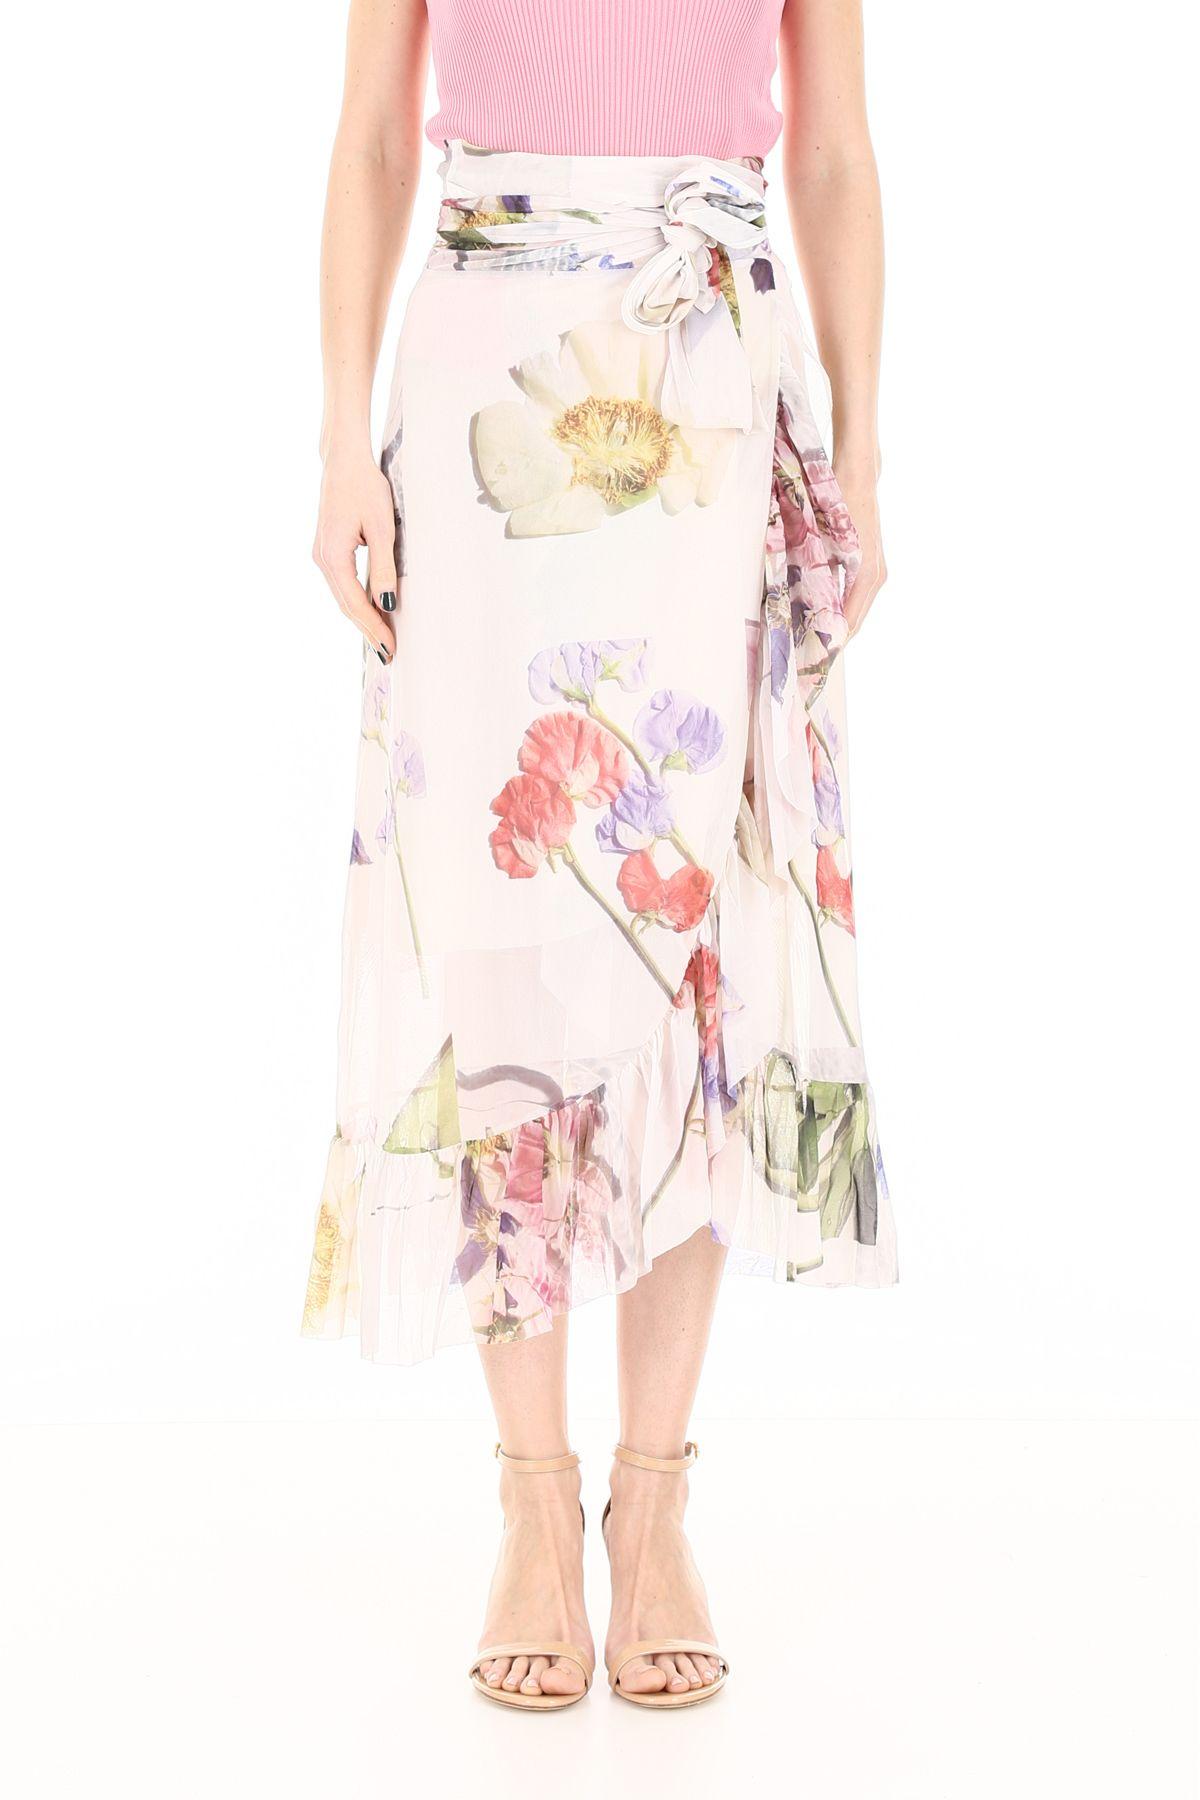 58ad18efaa Ganni Ganni Floral-printed Wrap Dress - BRIGHT WHITE